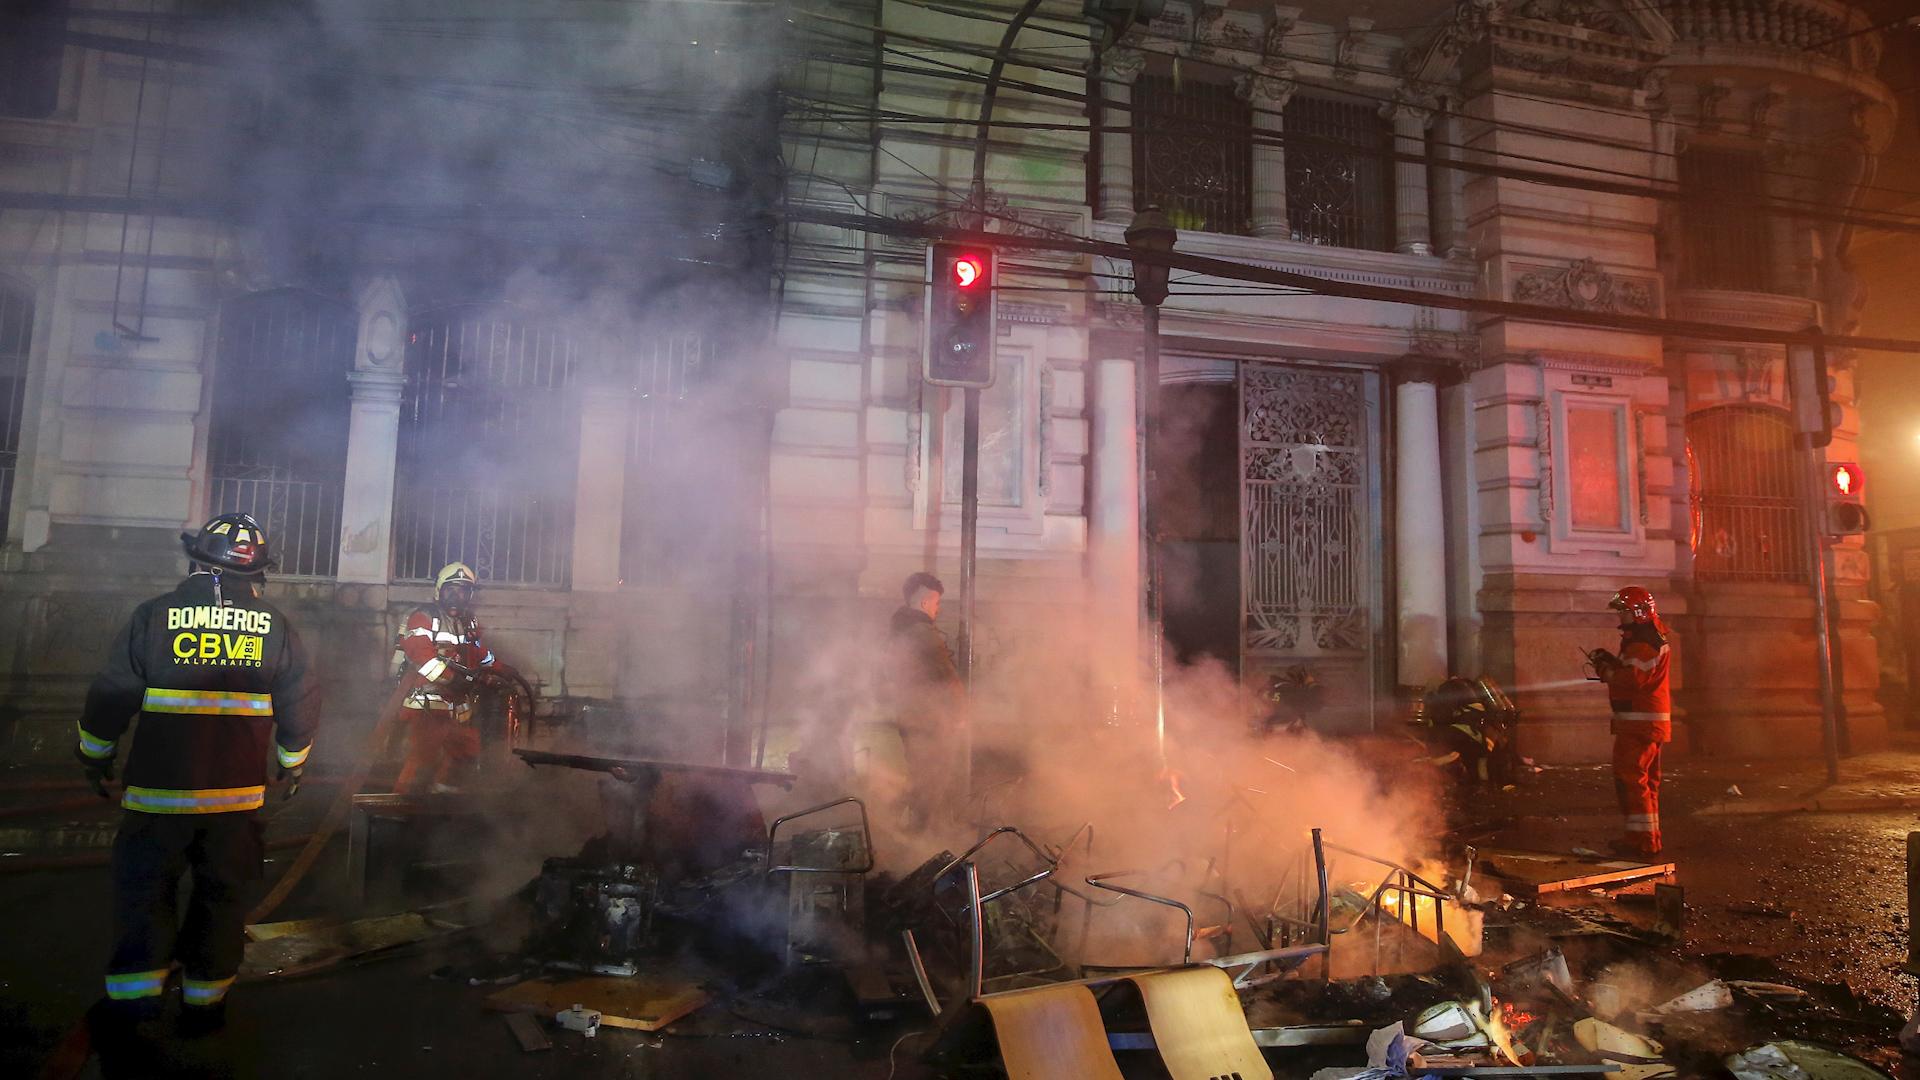 Los manifestantes rompieron la enorme puerta del antiguo edificio del periódico fundado en 1827, ubicado en pleno centro del puerto turístico de Valparaíso y quemaron el interior.